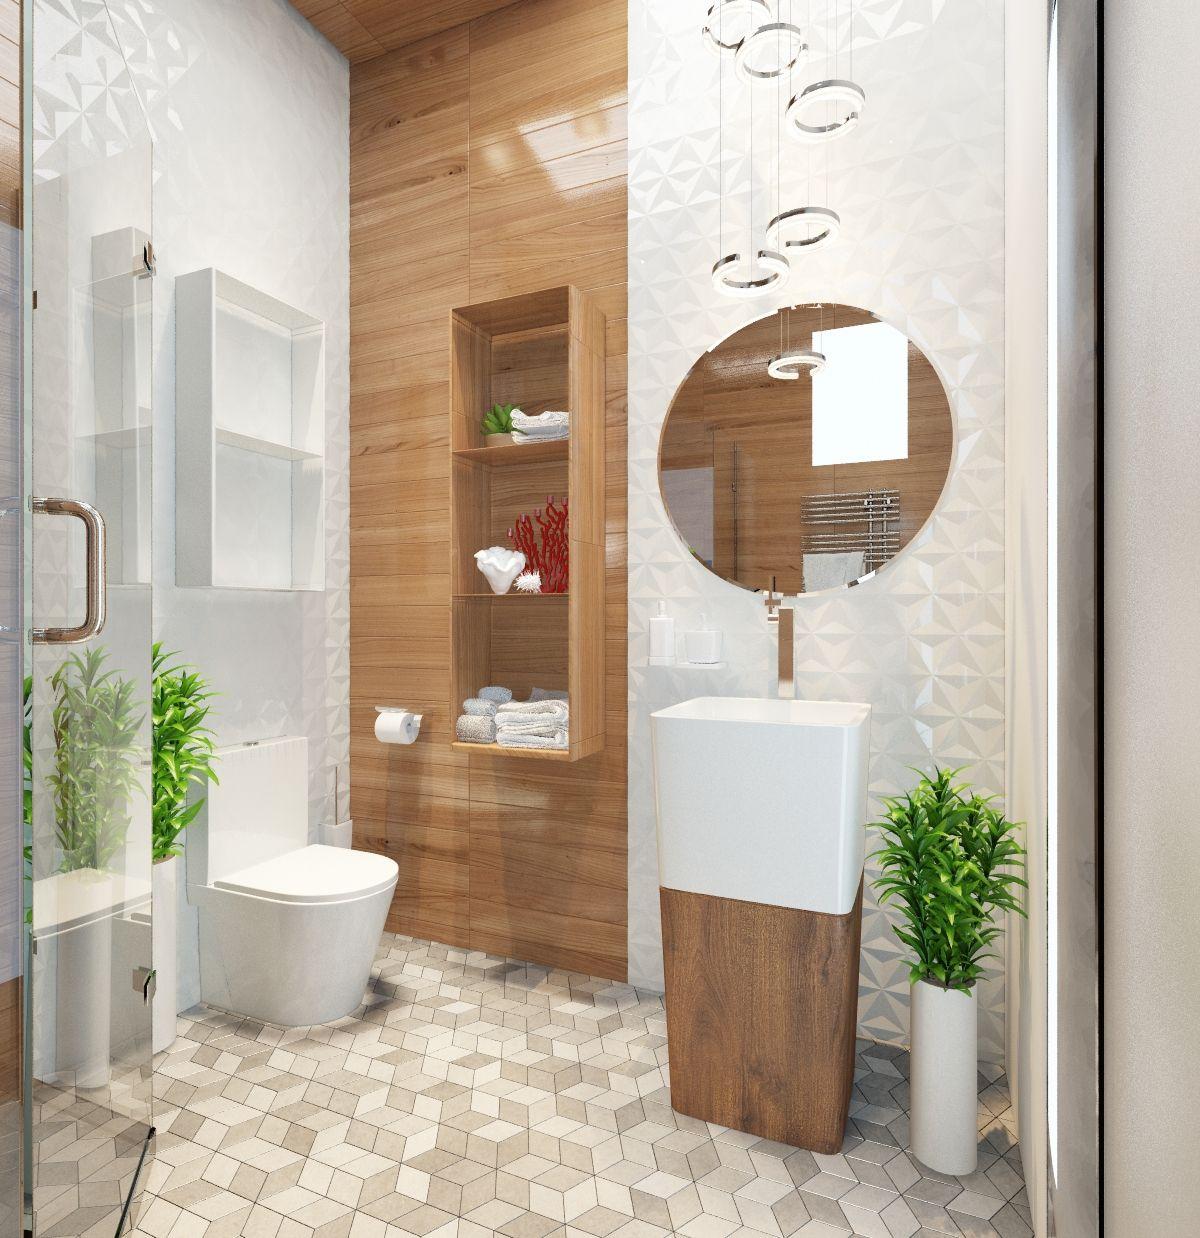 Trendiges badezimmerdekor 2018 kleine minimalistische badezimmerdesigns die mit der vielzahl der